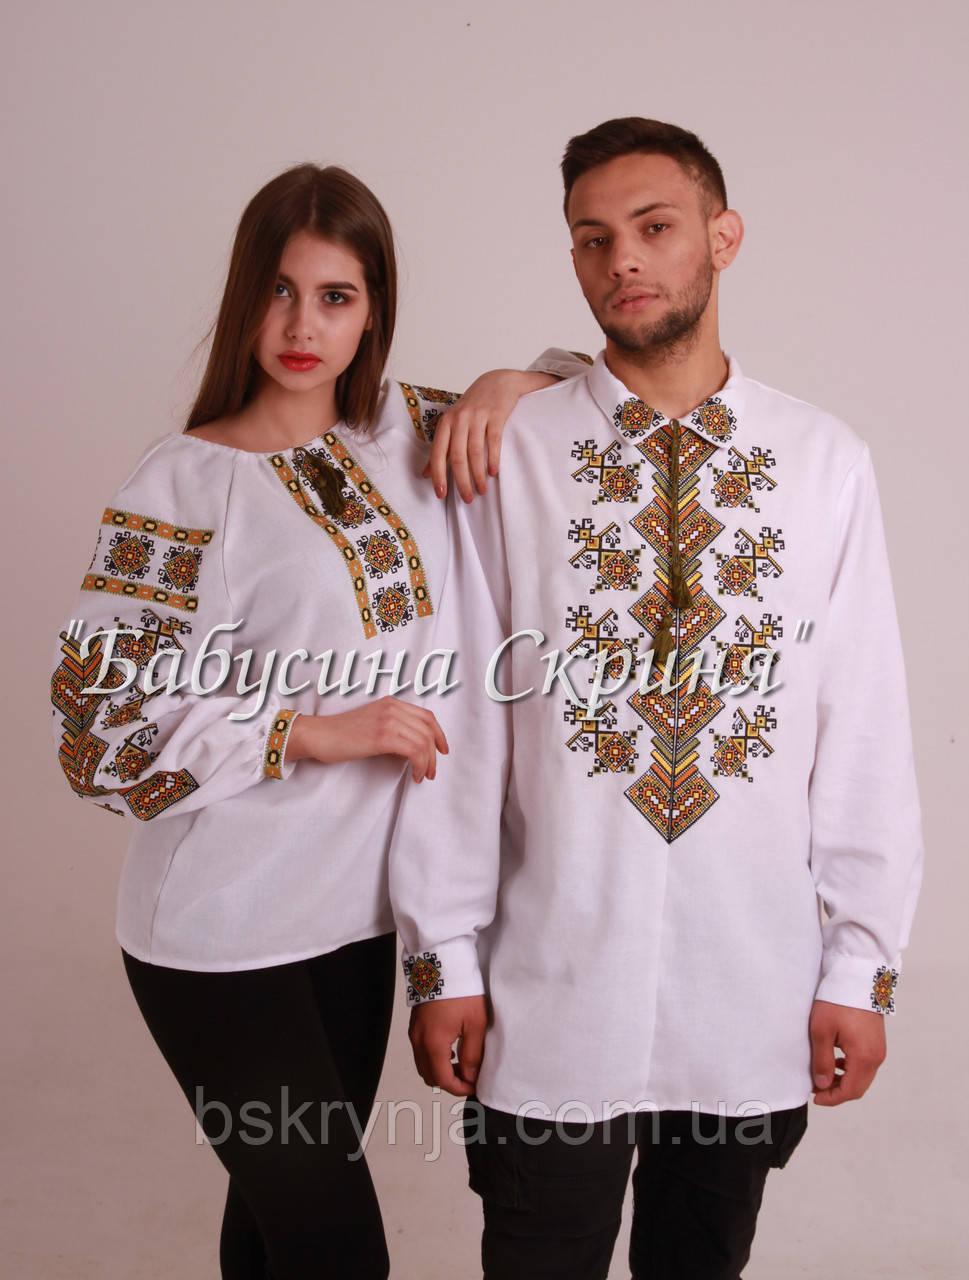 Парні вишиванки.Сорочка жіноча + сорочка чоловіча МВ-123п - Інтернет  магазин